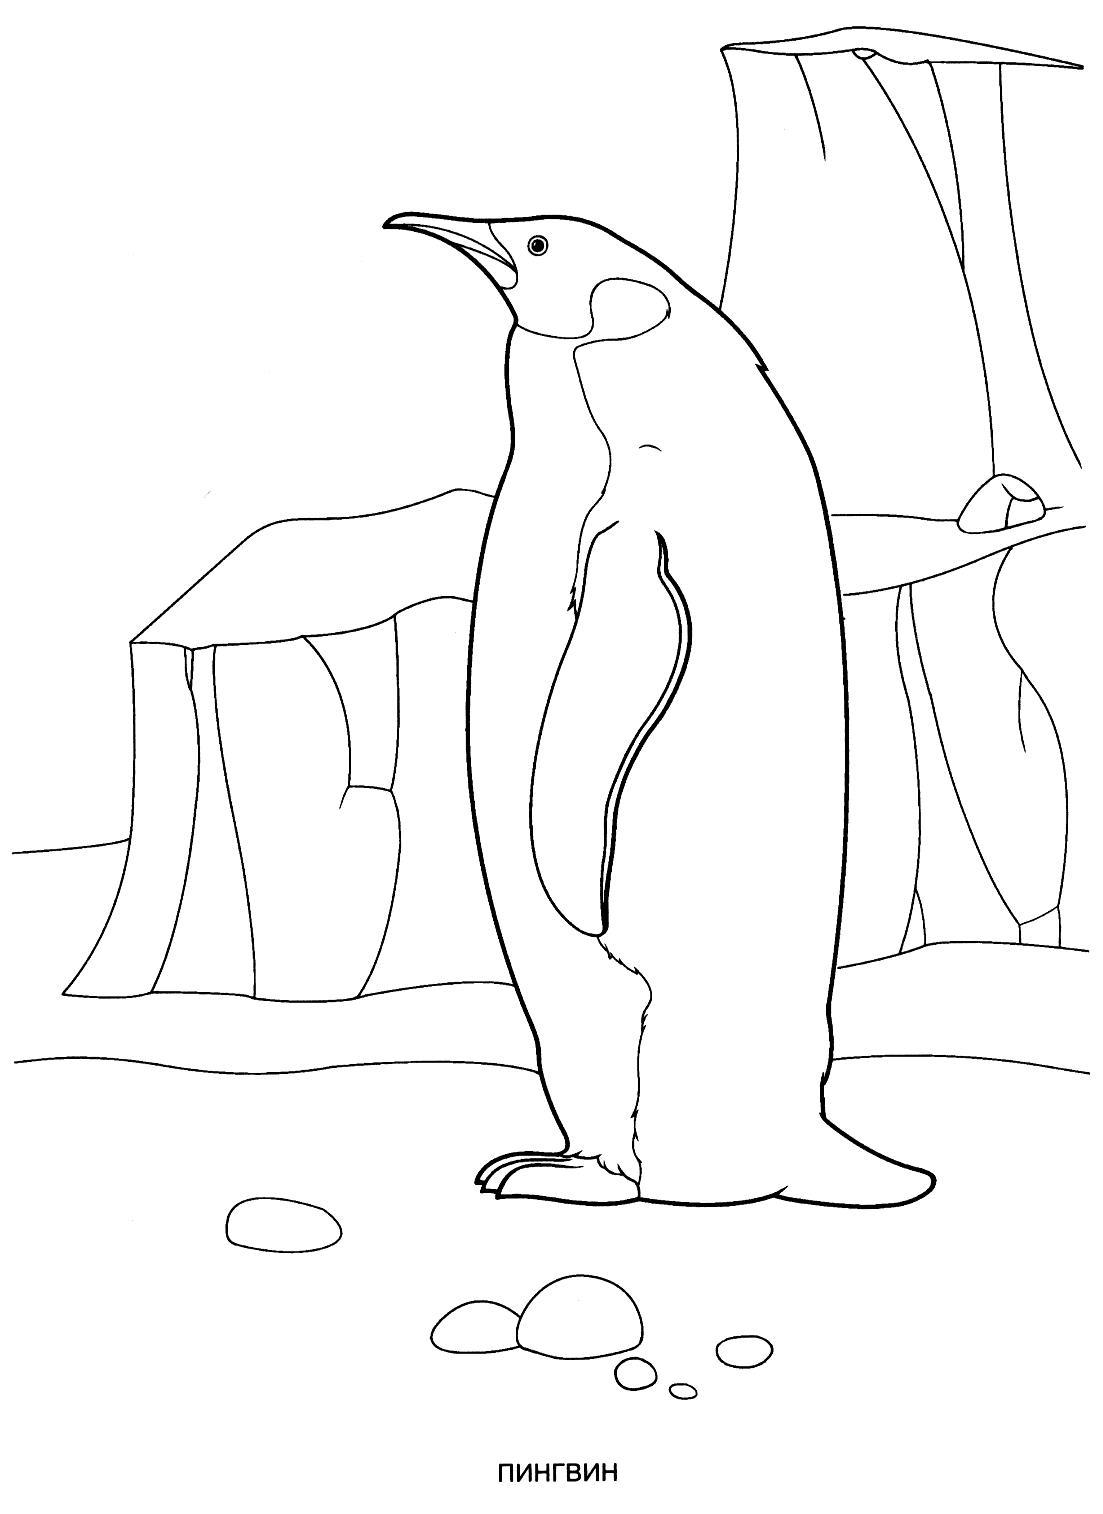 Раскраска пингвин. раскраска раскраска пингвина, королевский пингвин, разукраска детская, лед, арктика